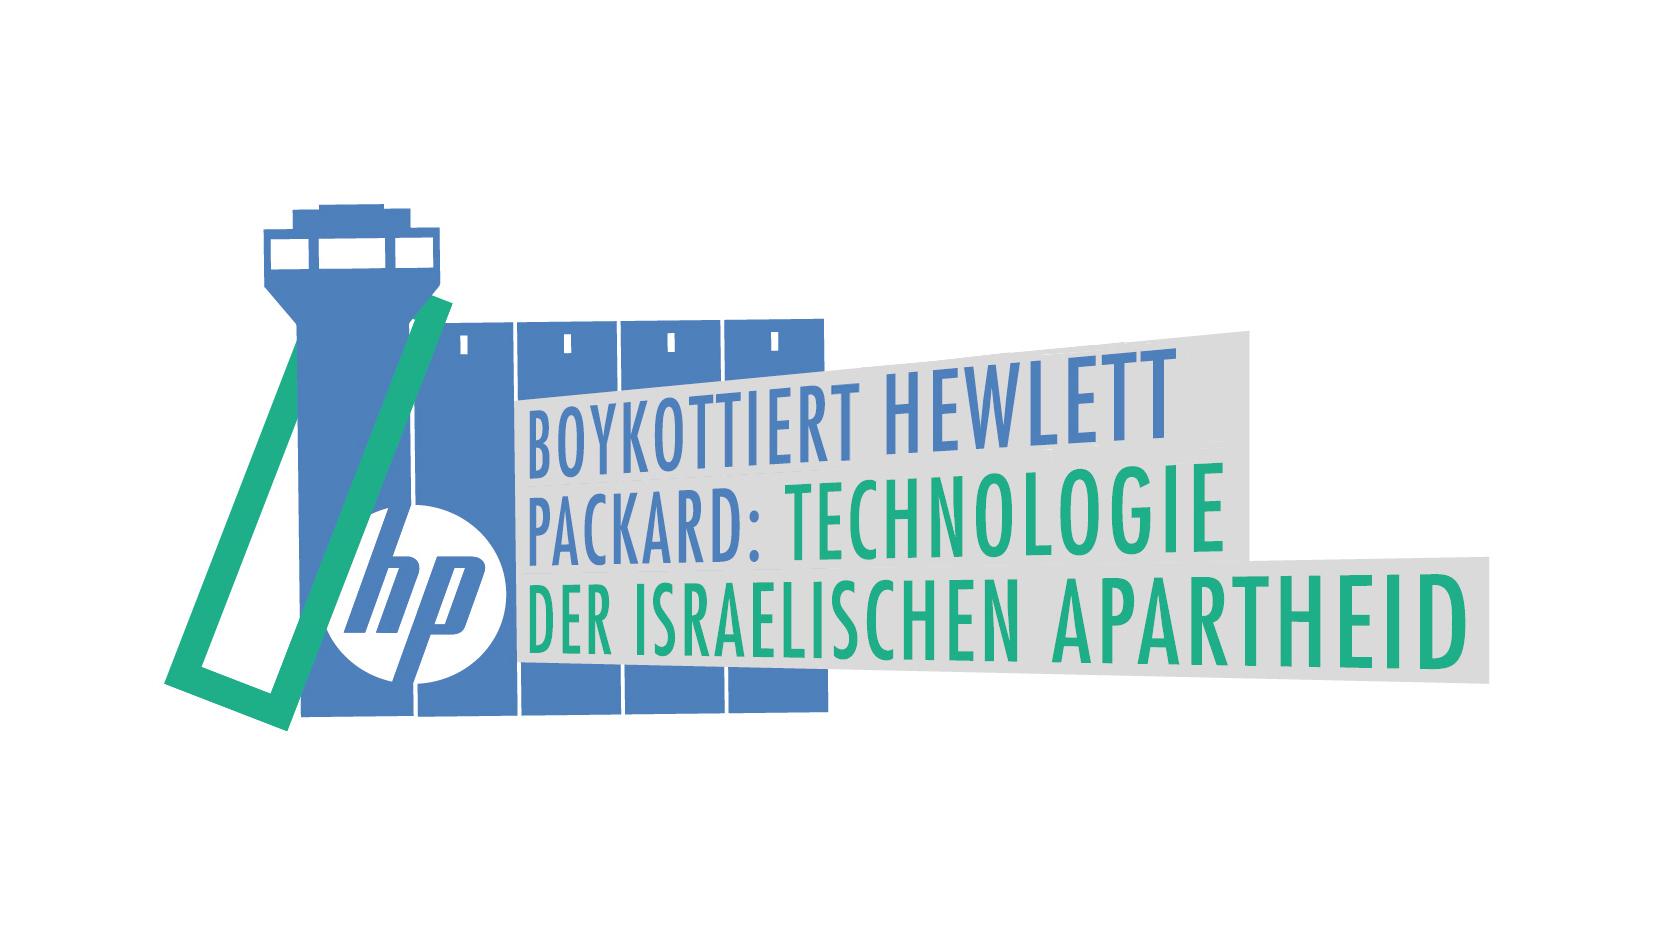 Berlin: 7. Juni 2017 Protestaktion gegen die Geschäfte von Hewlett Packard